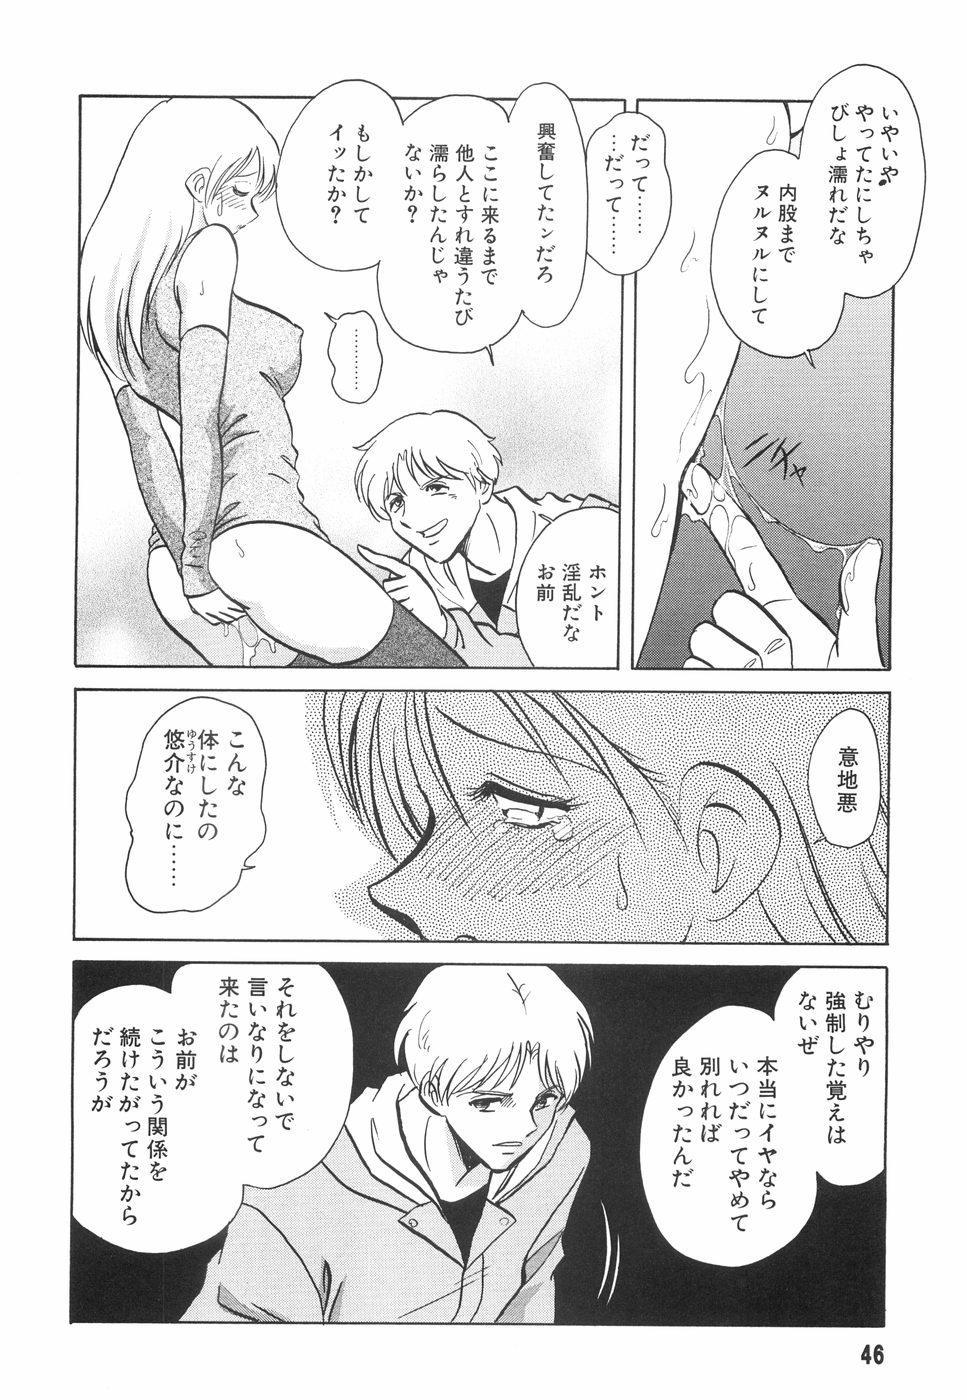 Hazukashime no Jikan 46